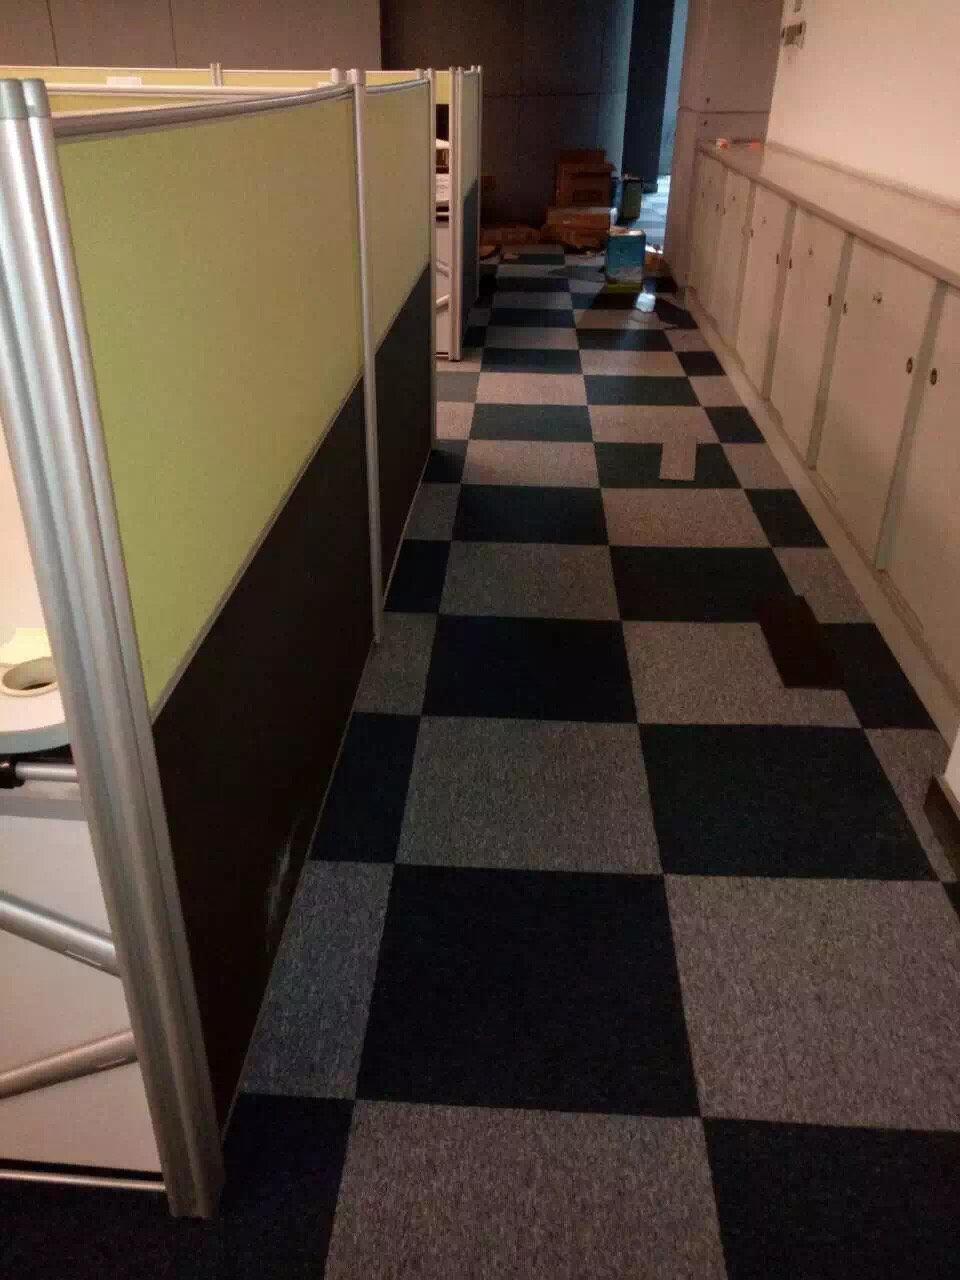 Carpet Construction